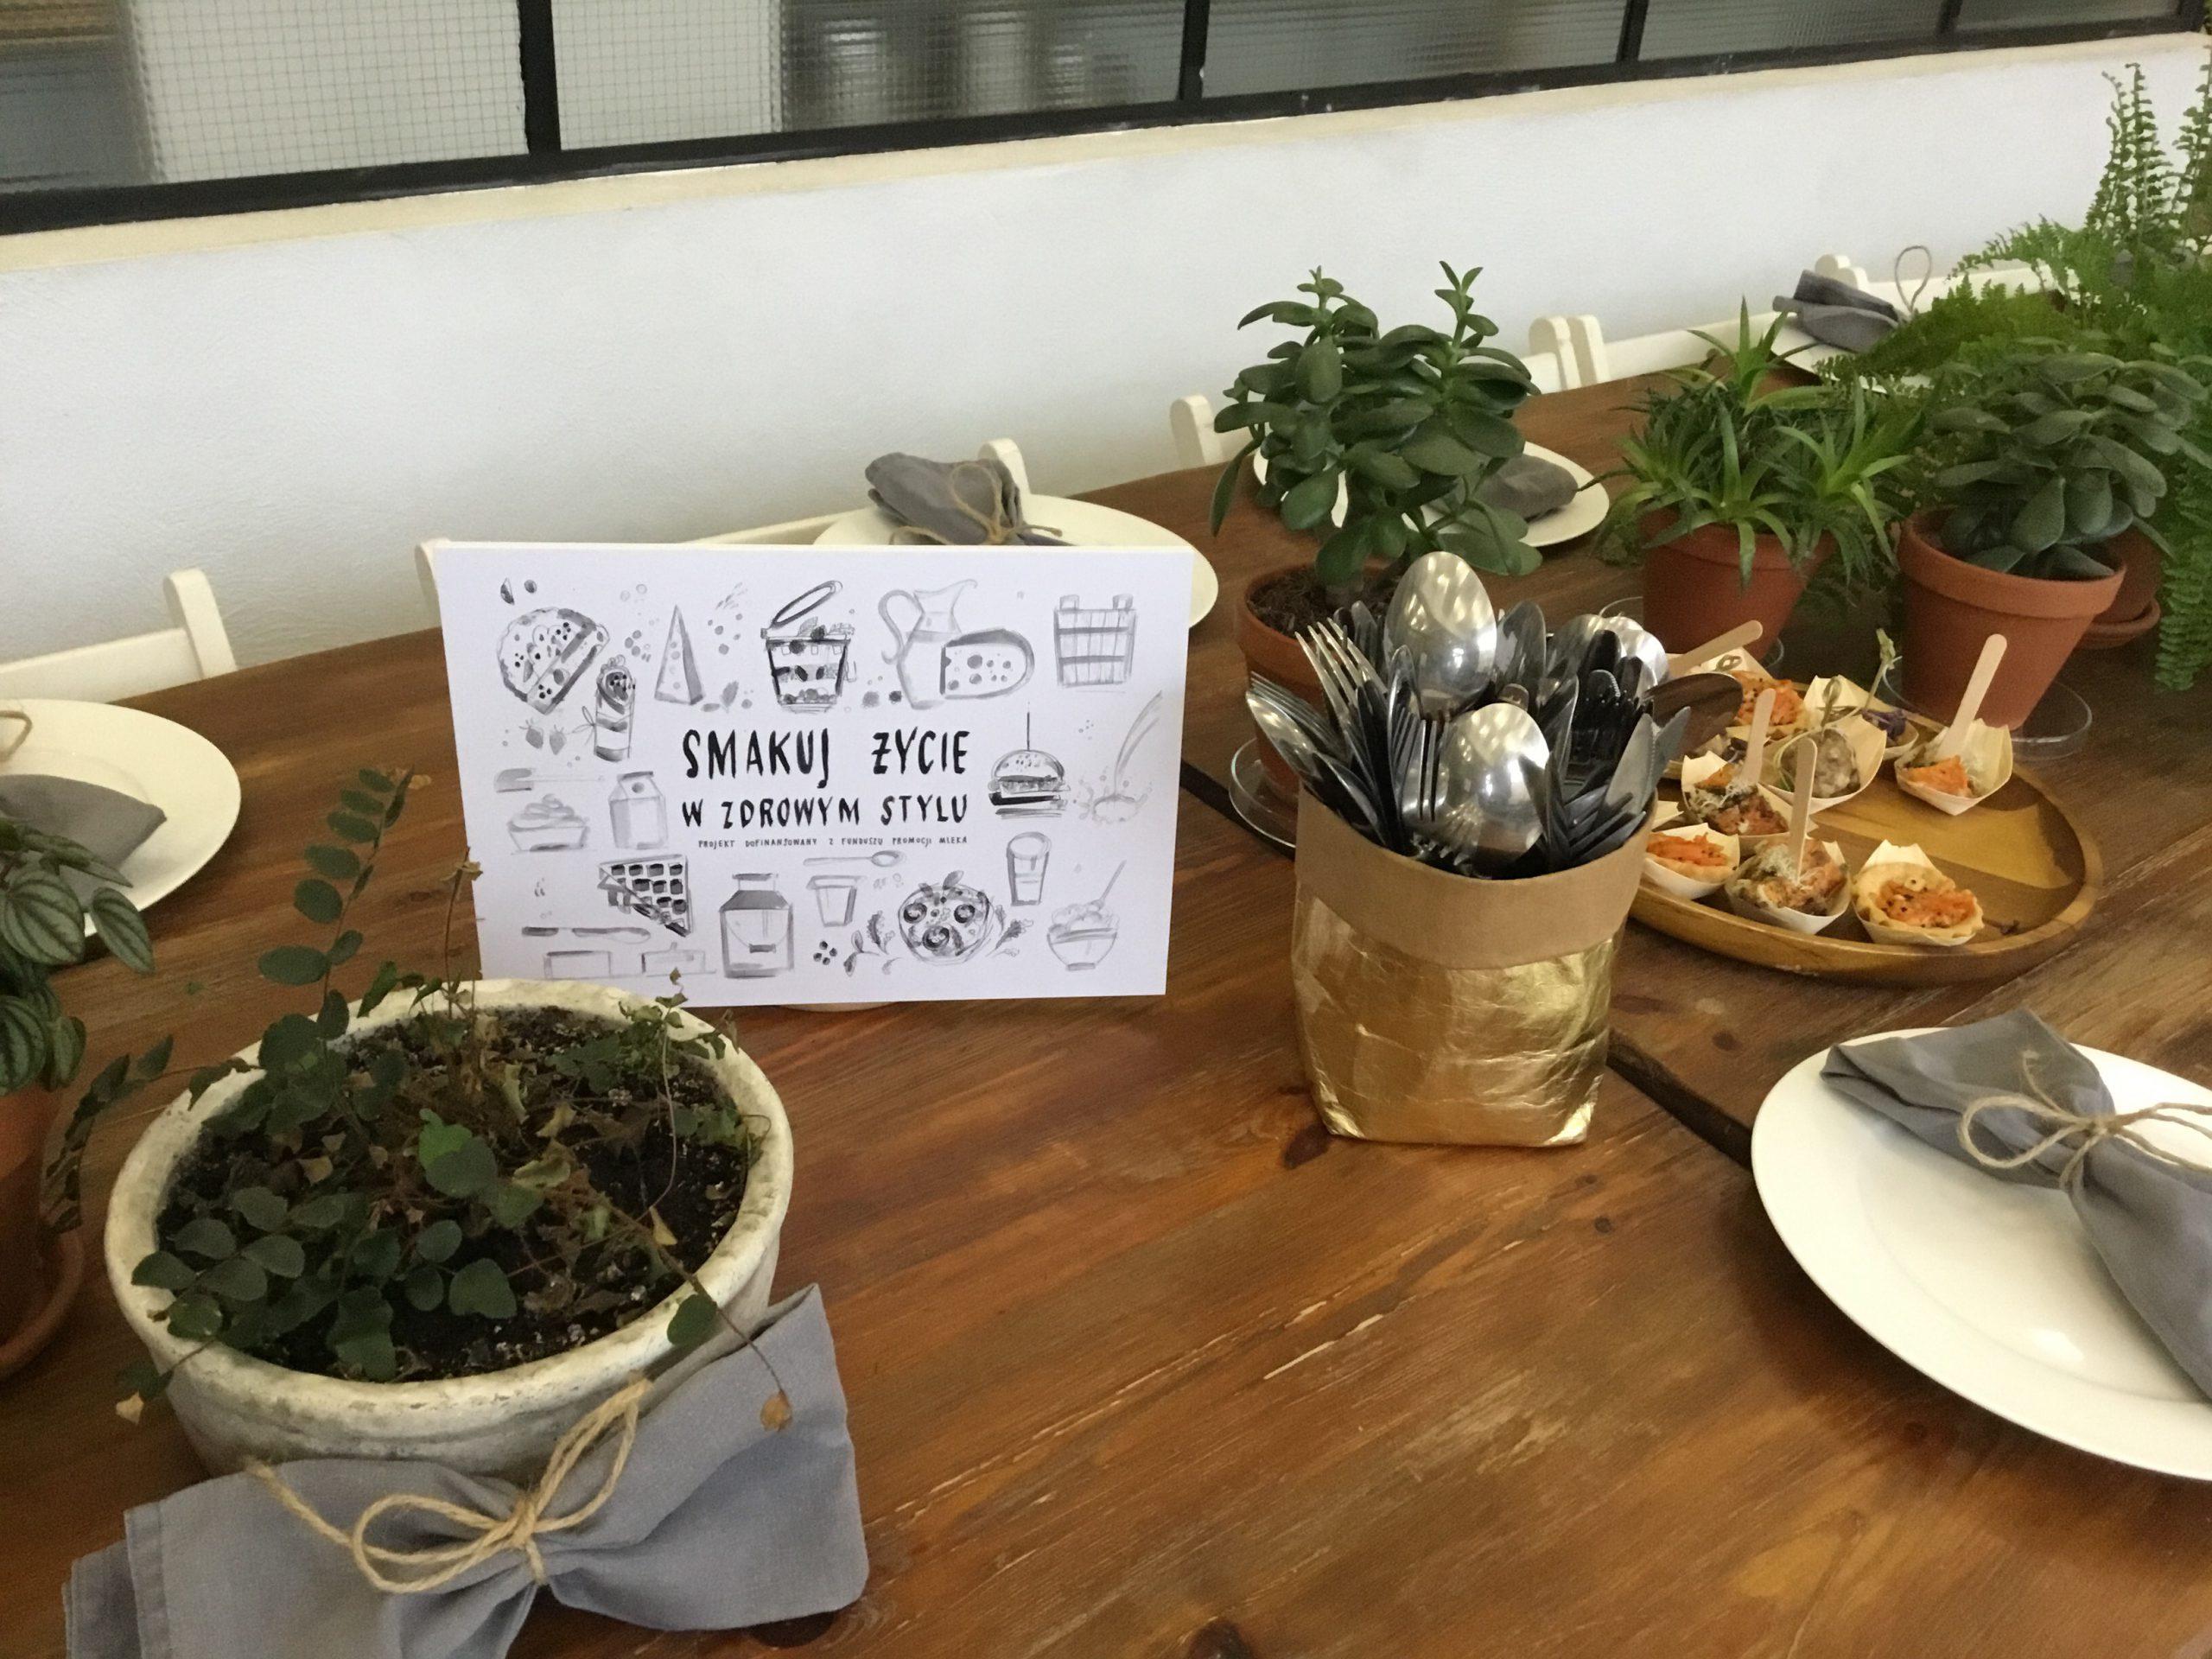 Smakuj życie w zdrowym stylu – projekt kulinarny przyGOTOWANY przez Lazur